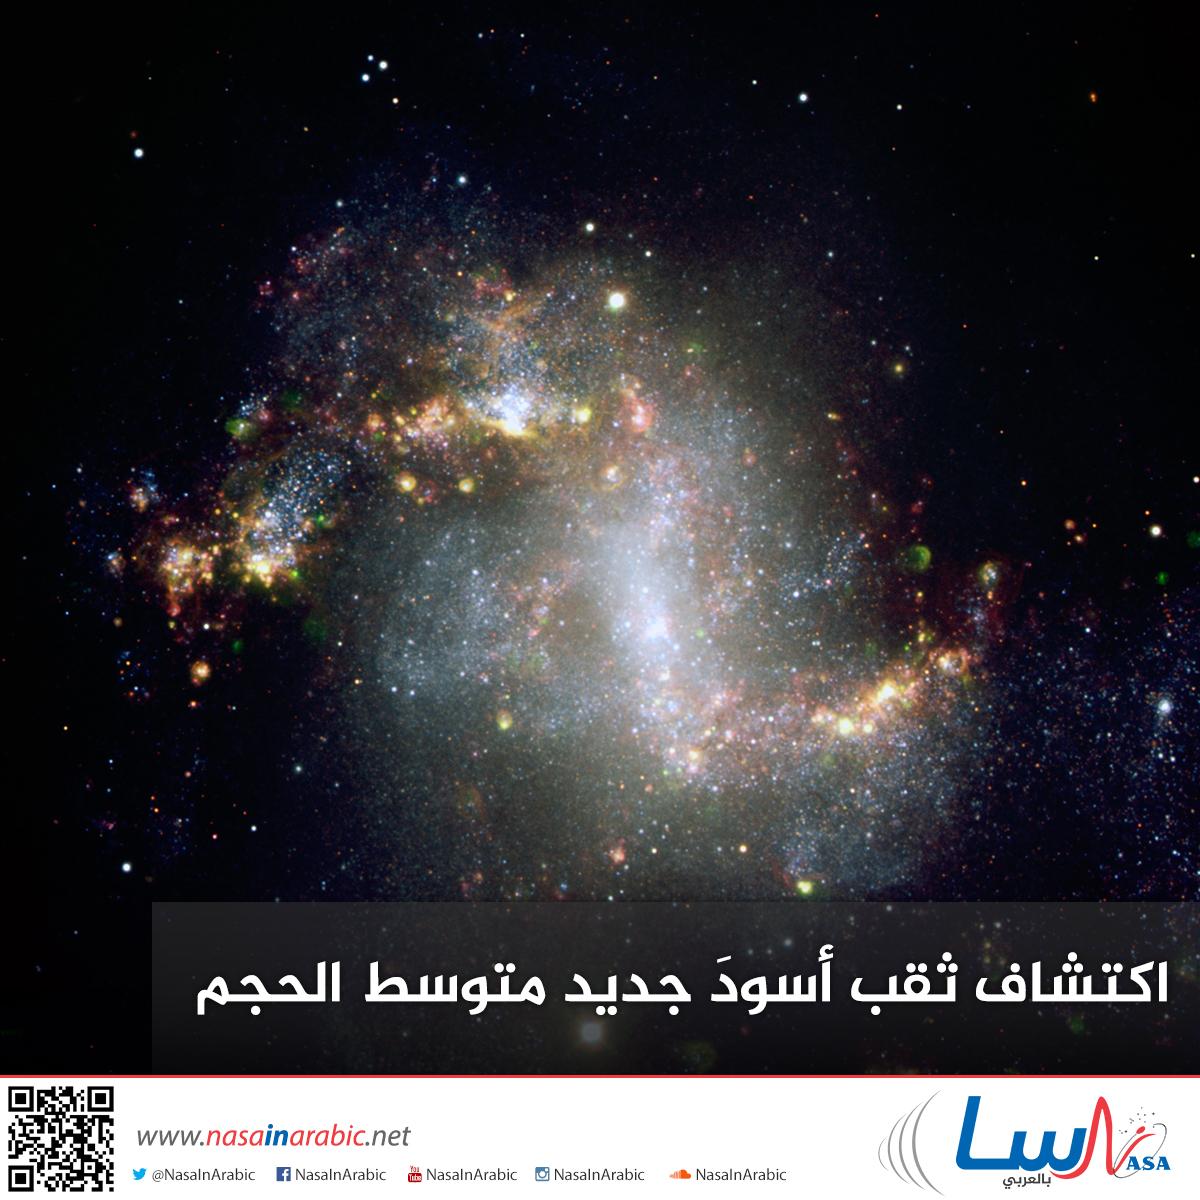 اكتشاف ثقب أسودَ جديد متوسط الحجم